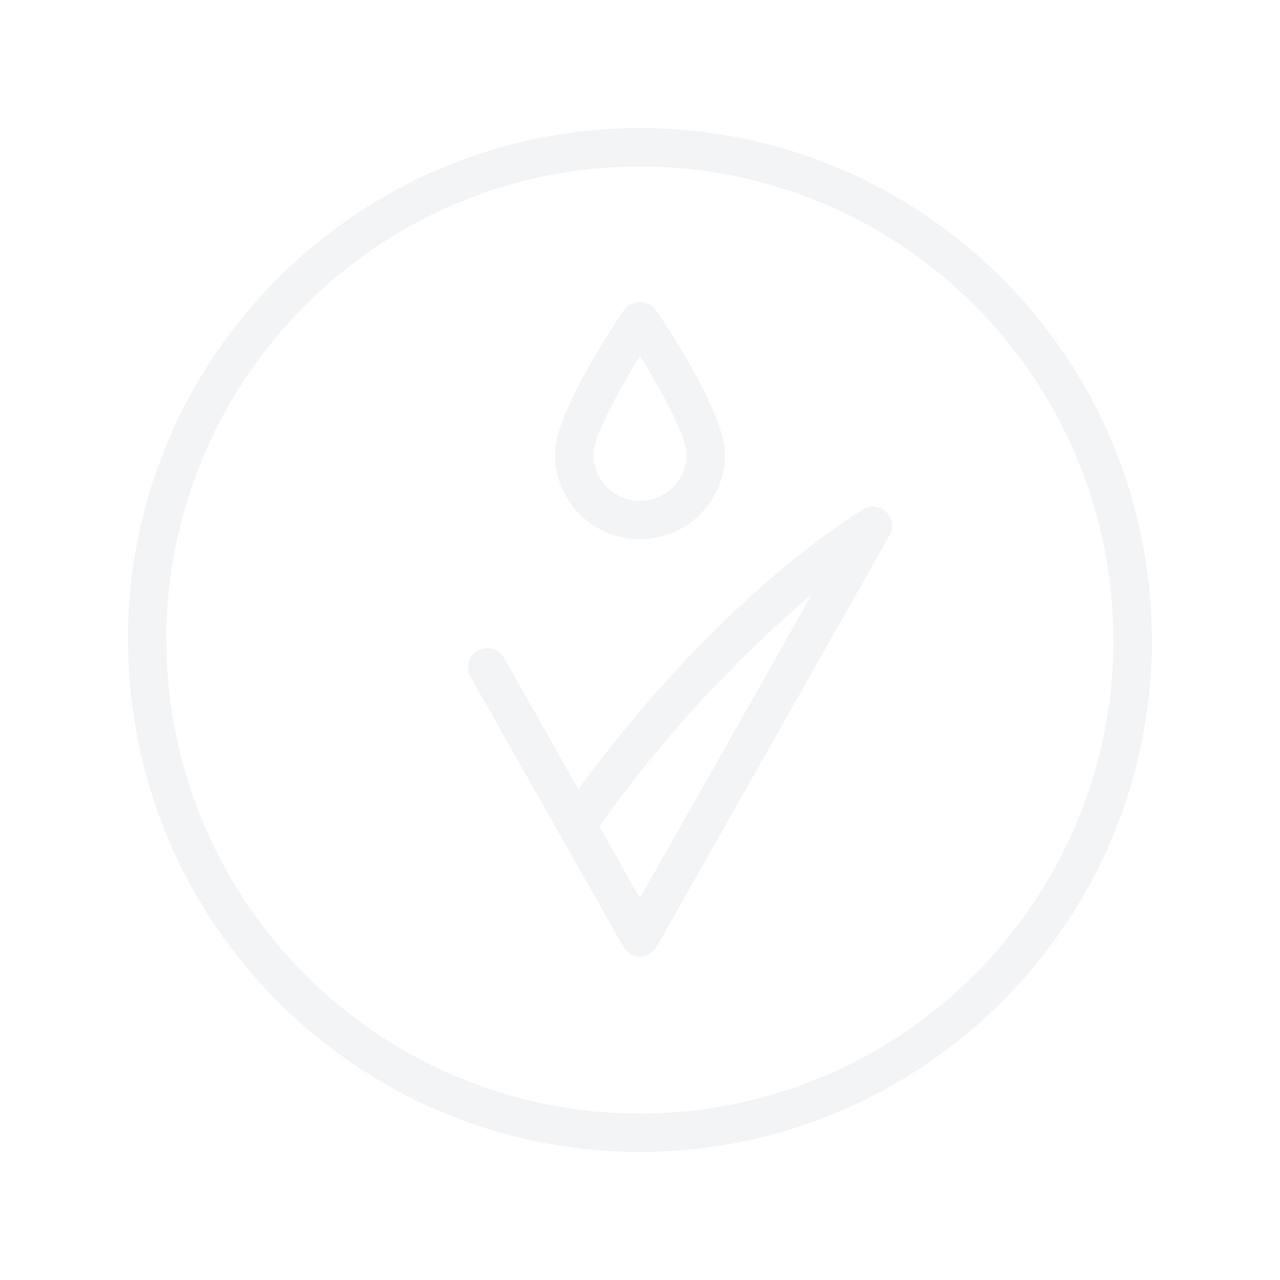 PALMER'S Coconut Oil Sugar Body Scrub 200g